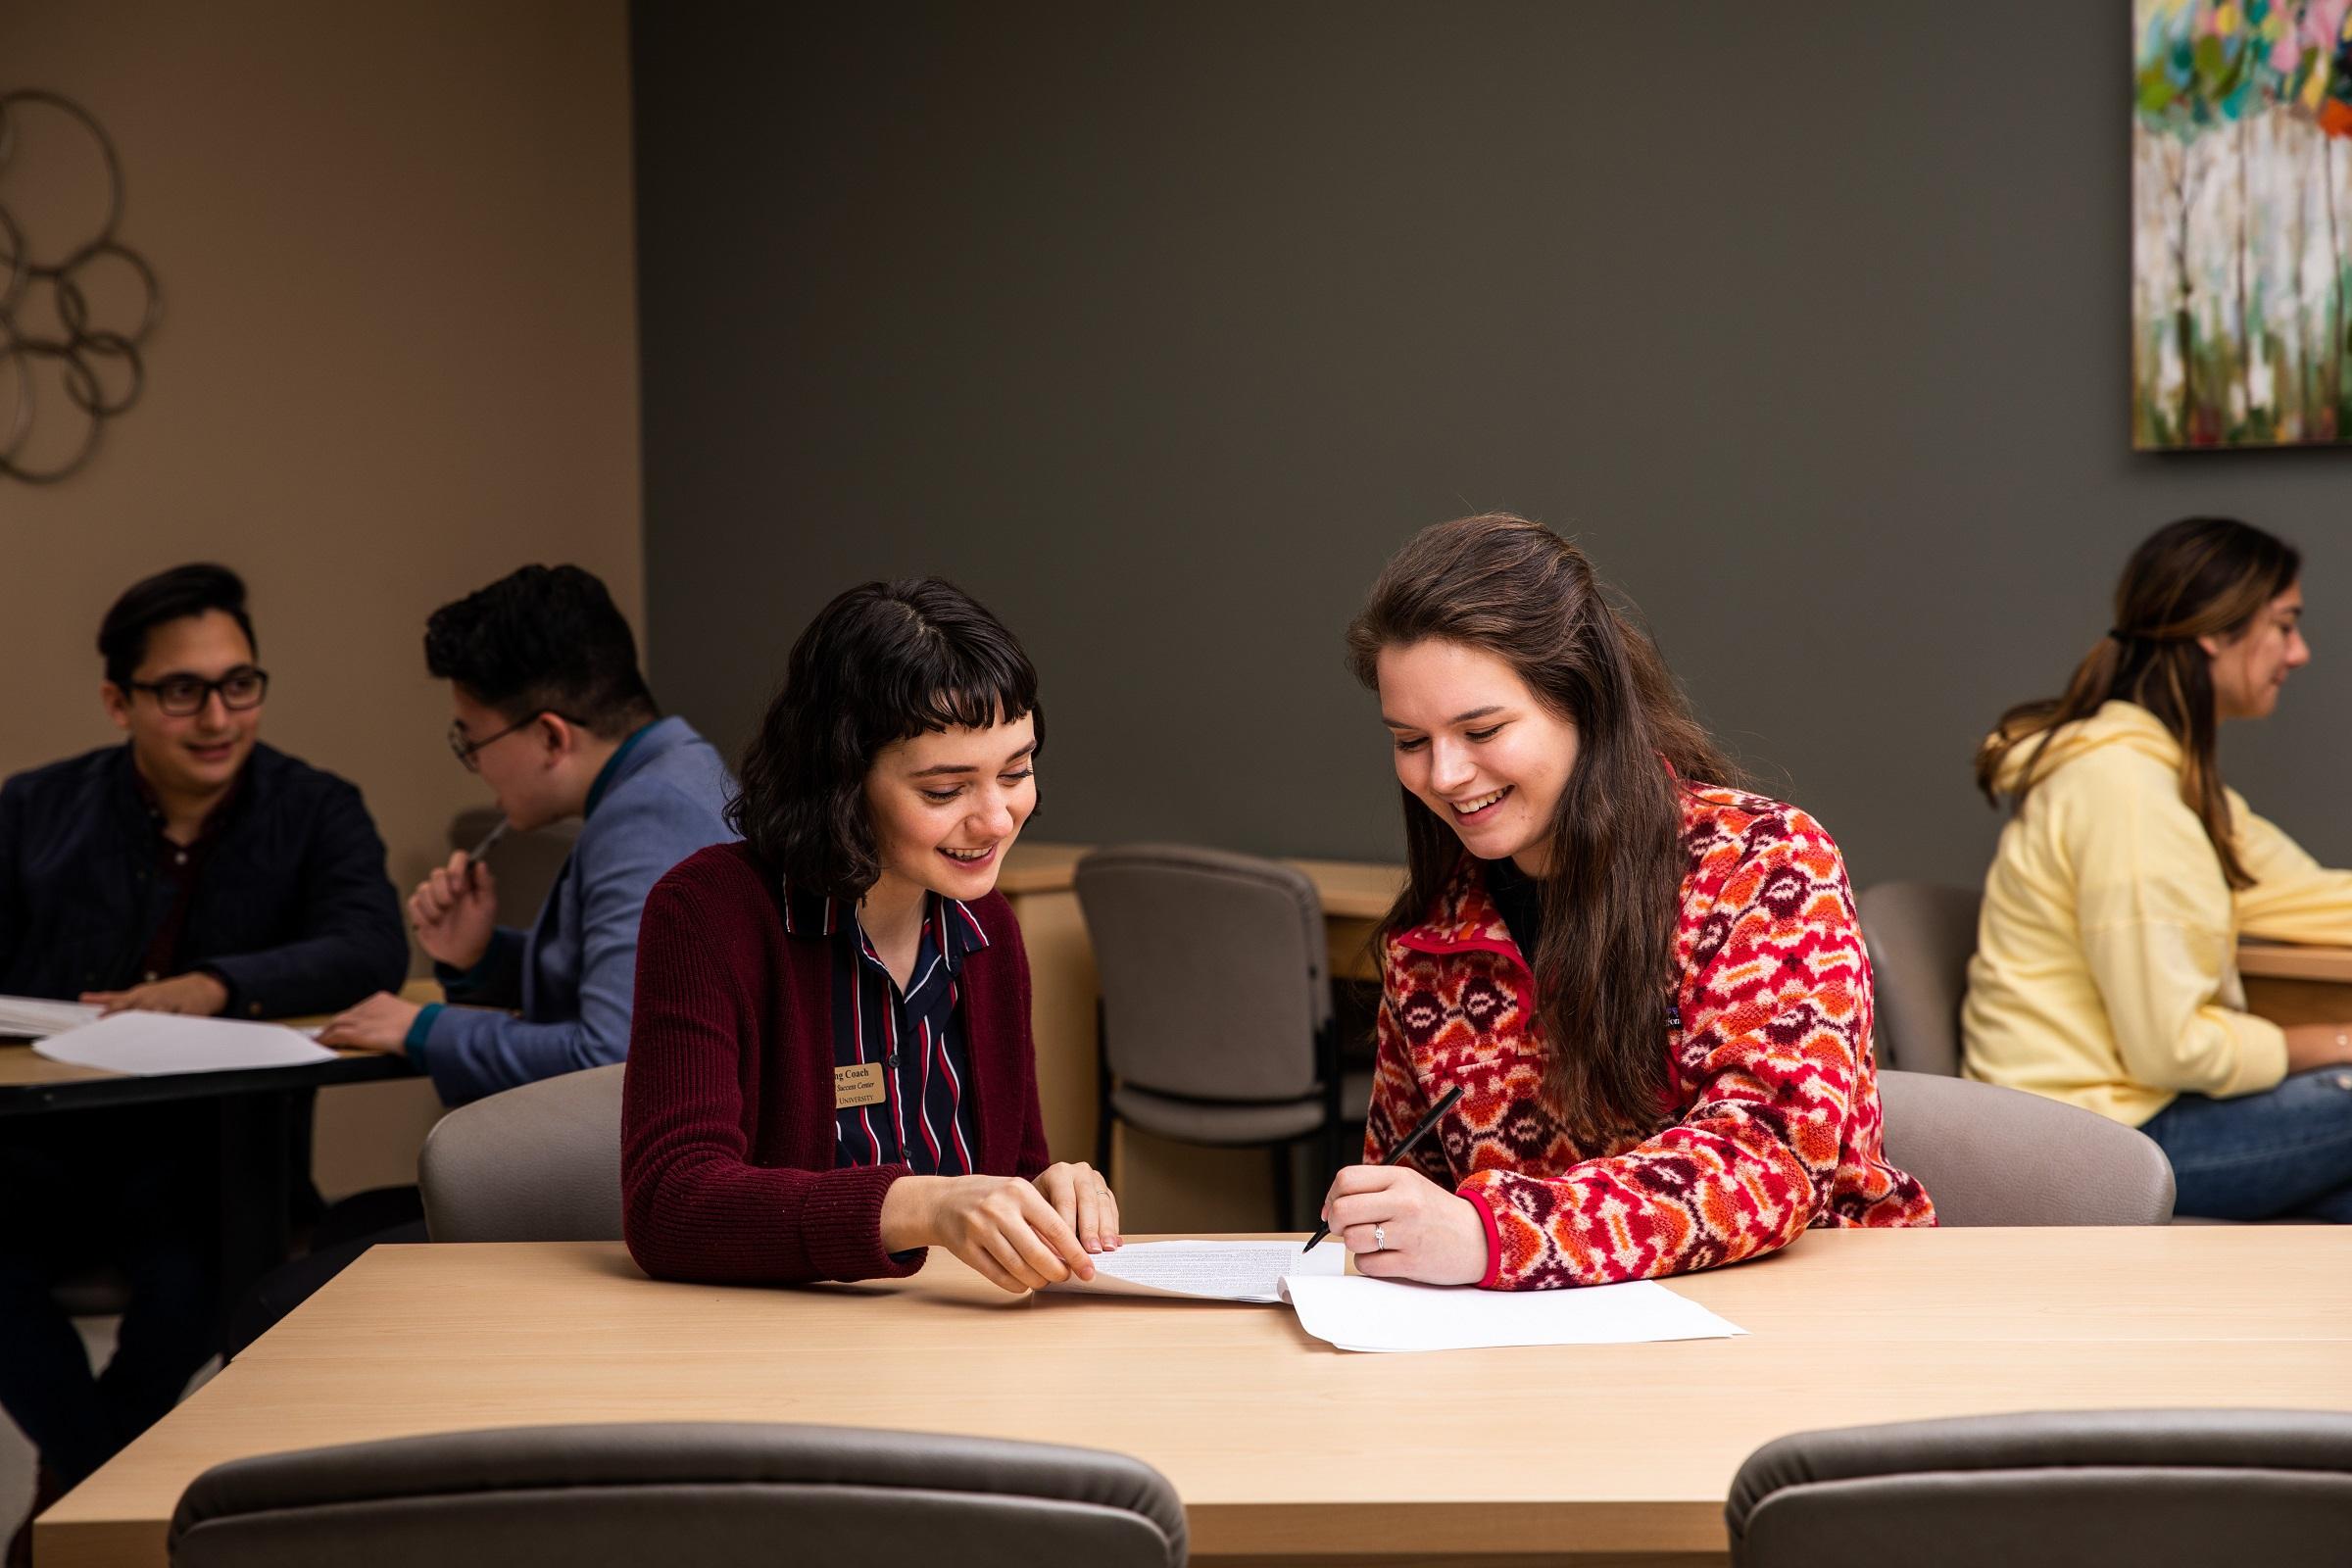 LIberty University Creative Writing